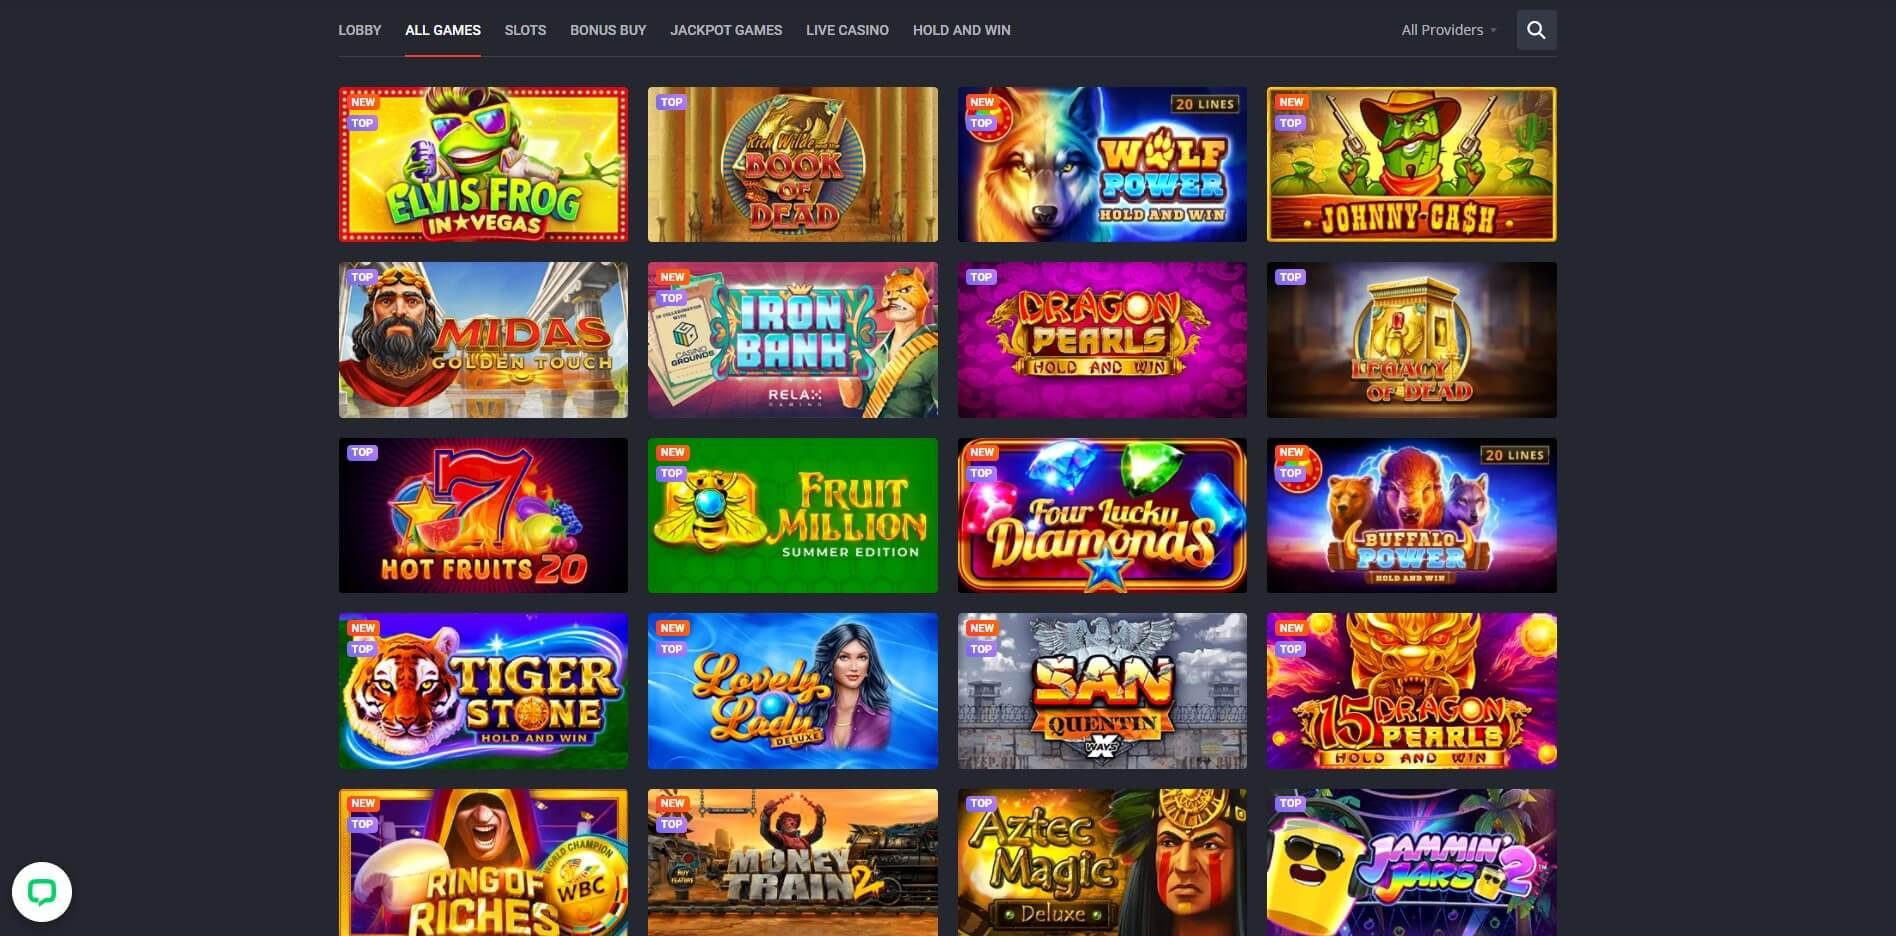 Games at Joo Casino